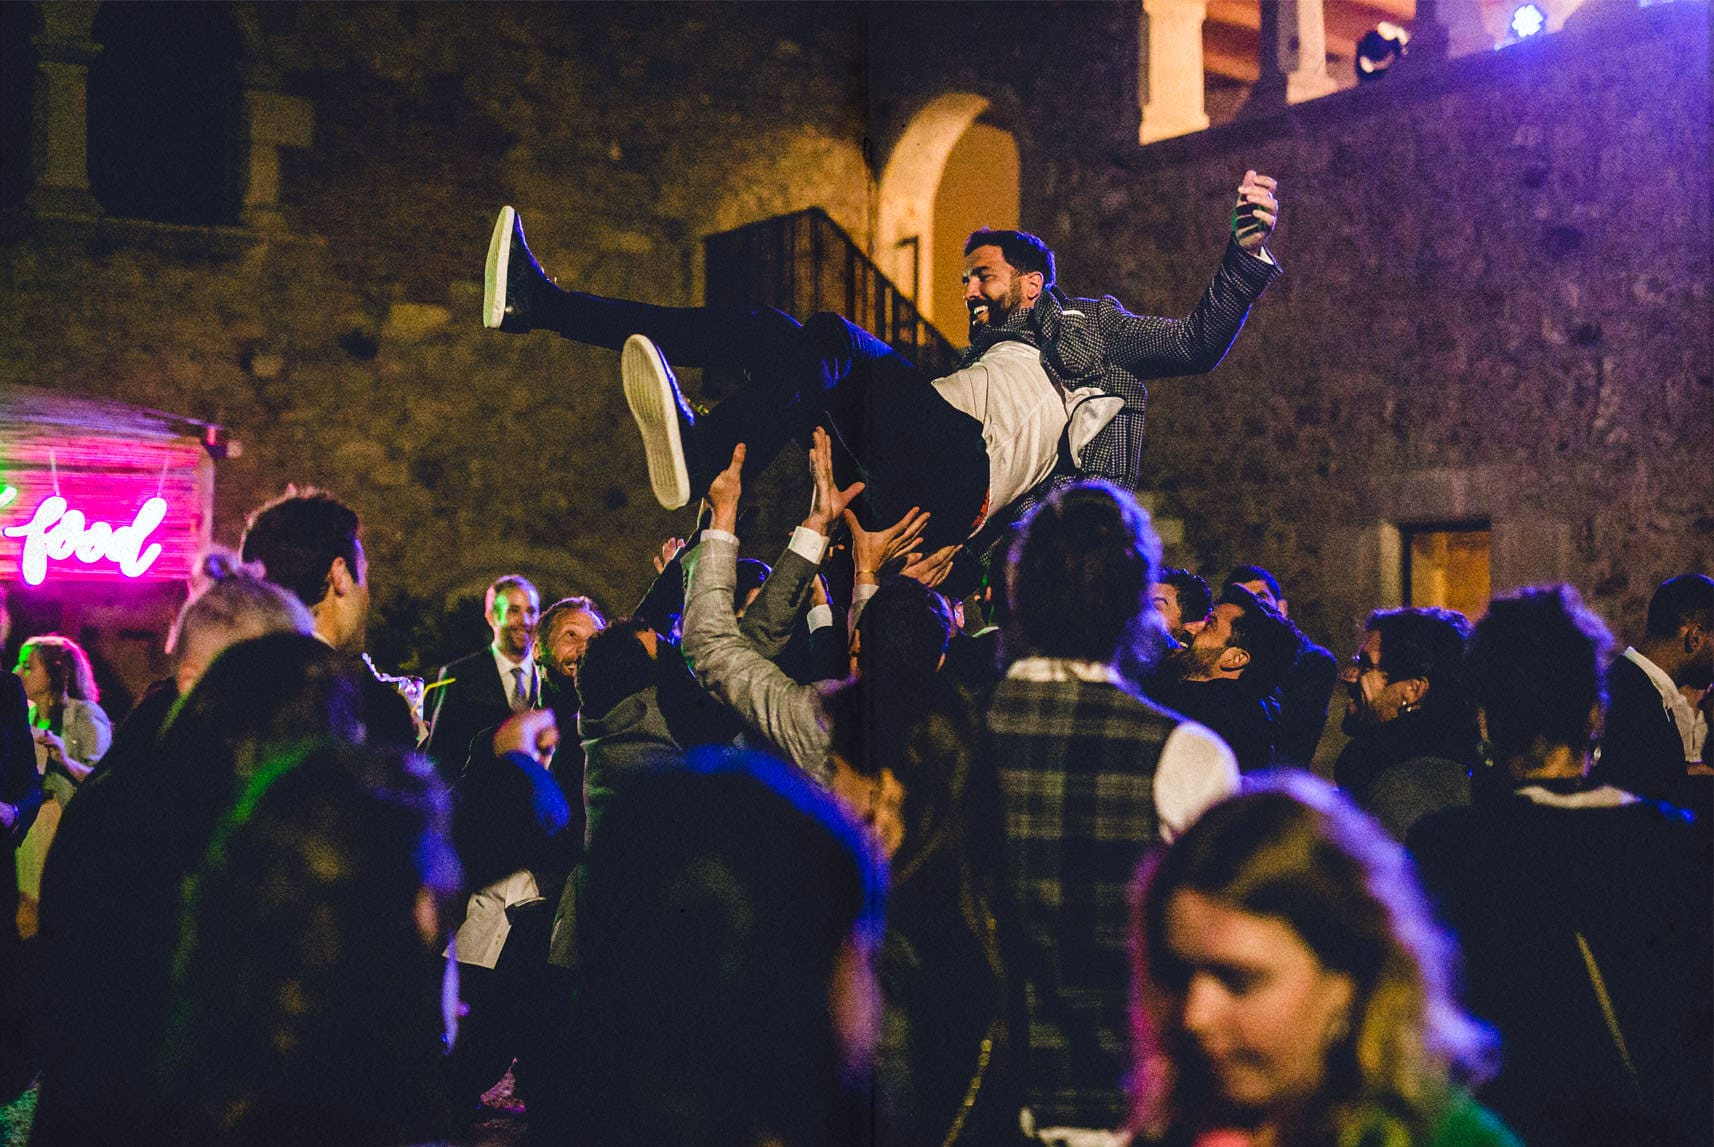 novio volando por los aires en la fiesta de boda